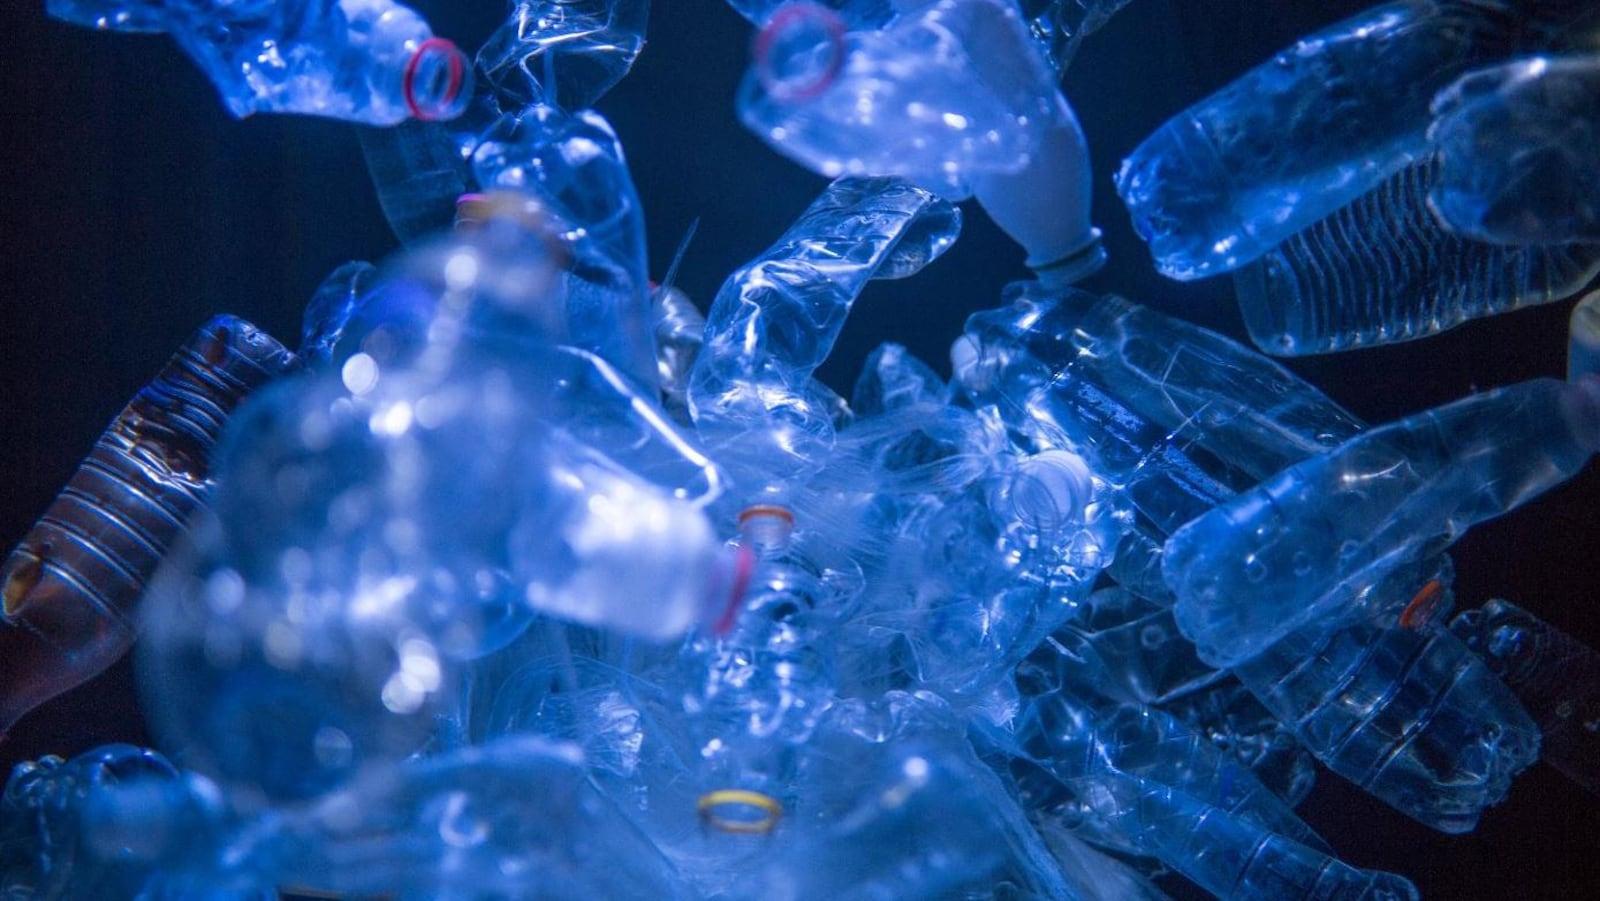 Le Canada veut bannir le plastique à usage unique dès 2021